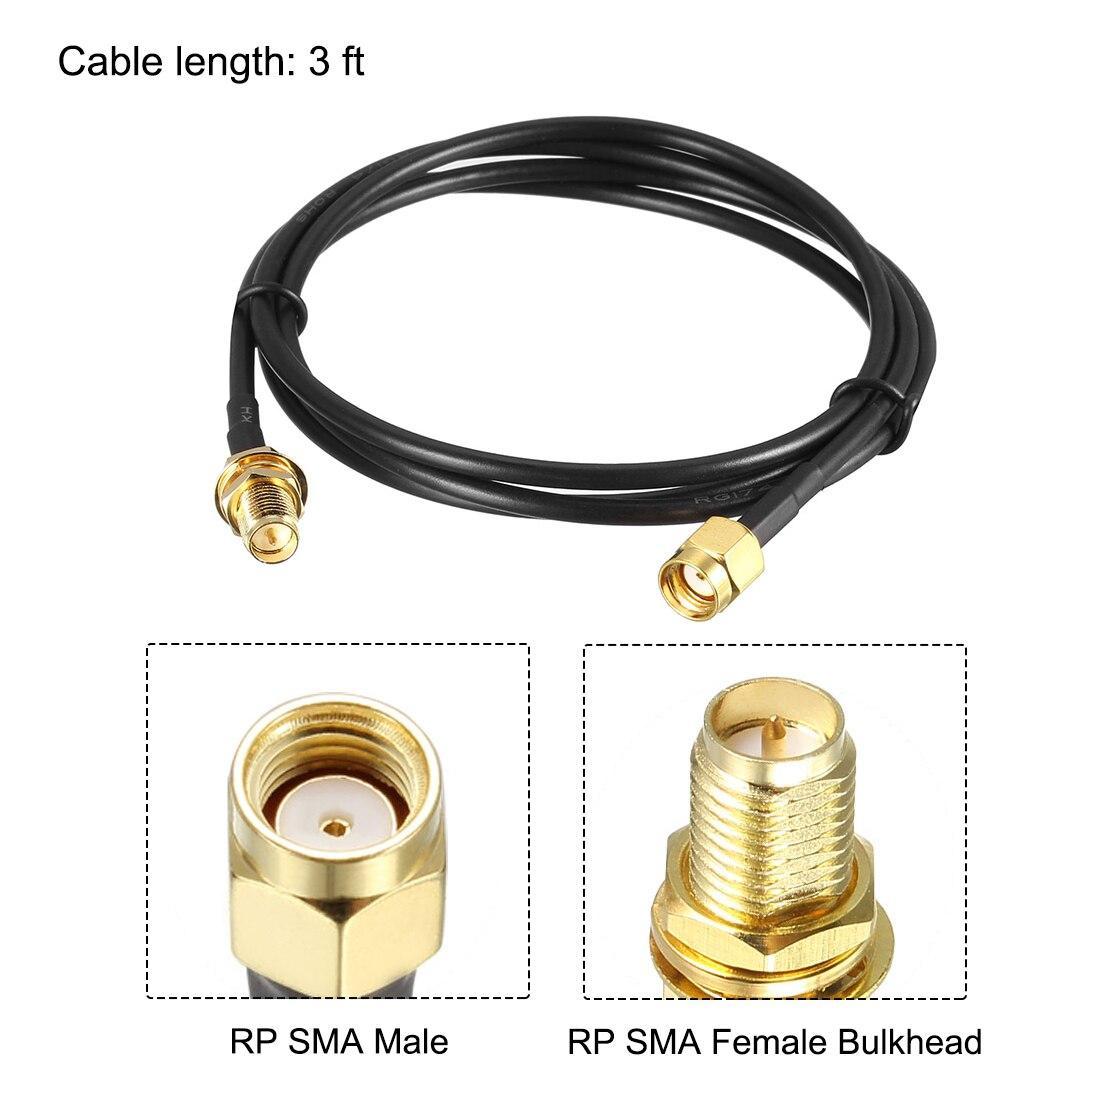 Удлинительный кабель для подключения антенн, 3 метра - фото 1